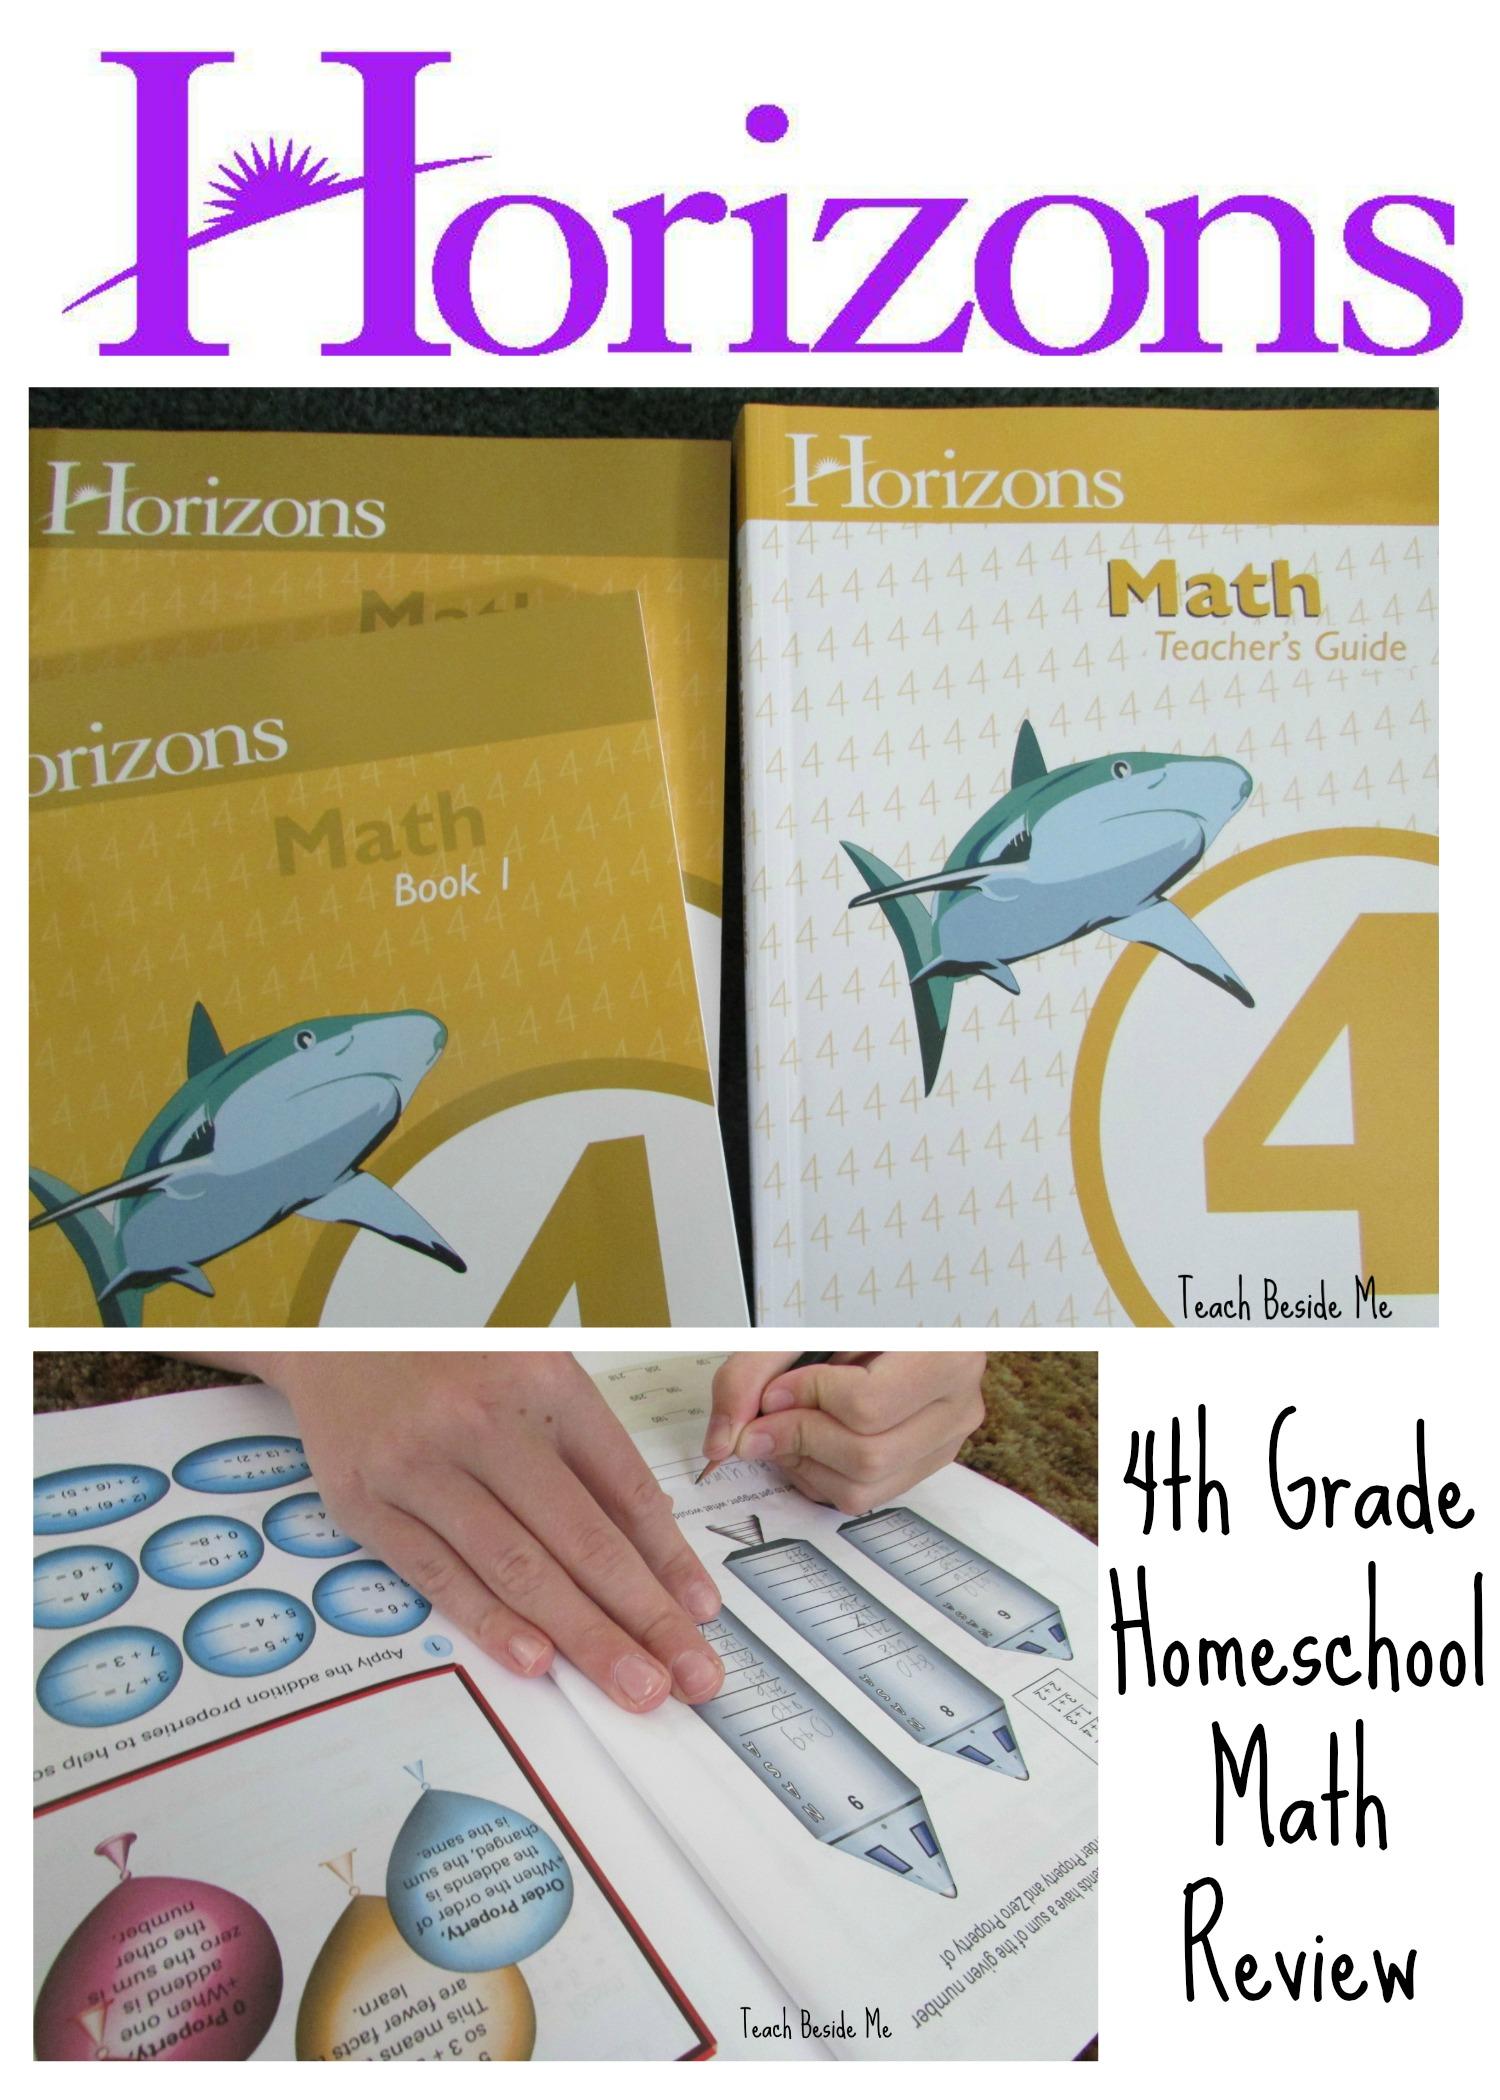 Worksheet Math Curriculum For Homeschool beast academy math curriculum reviews teach beside me our favorite homeschool horizons review